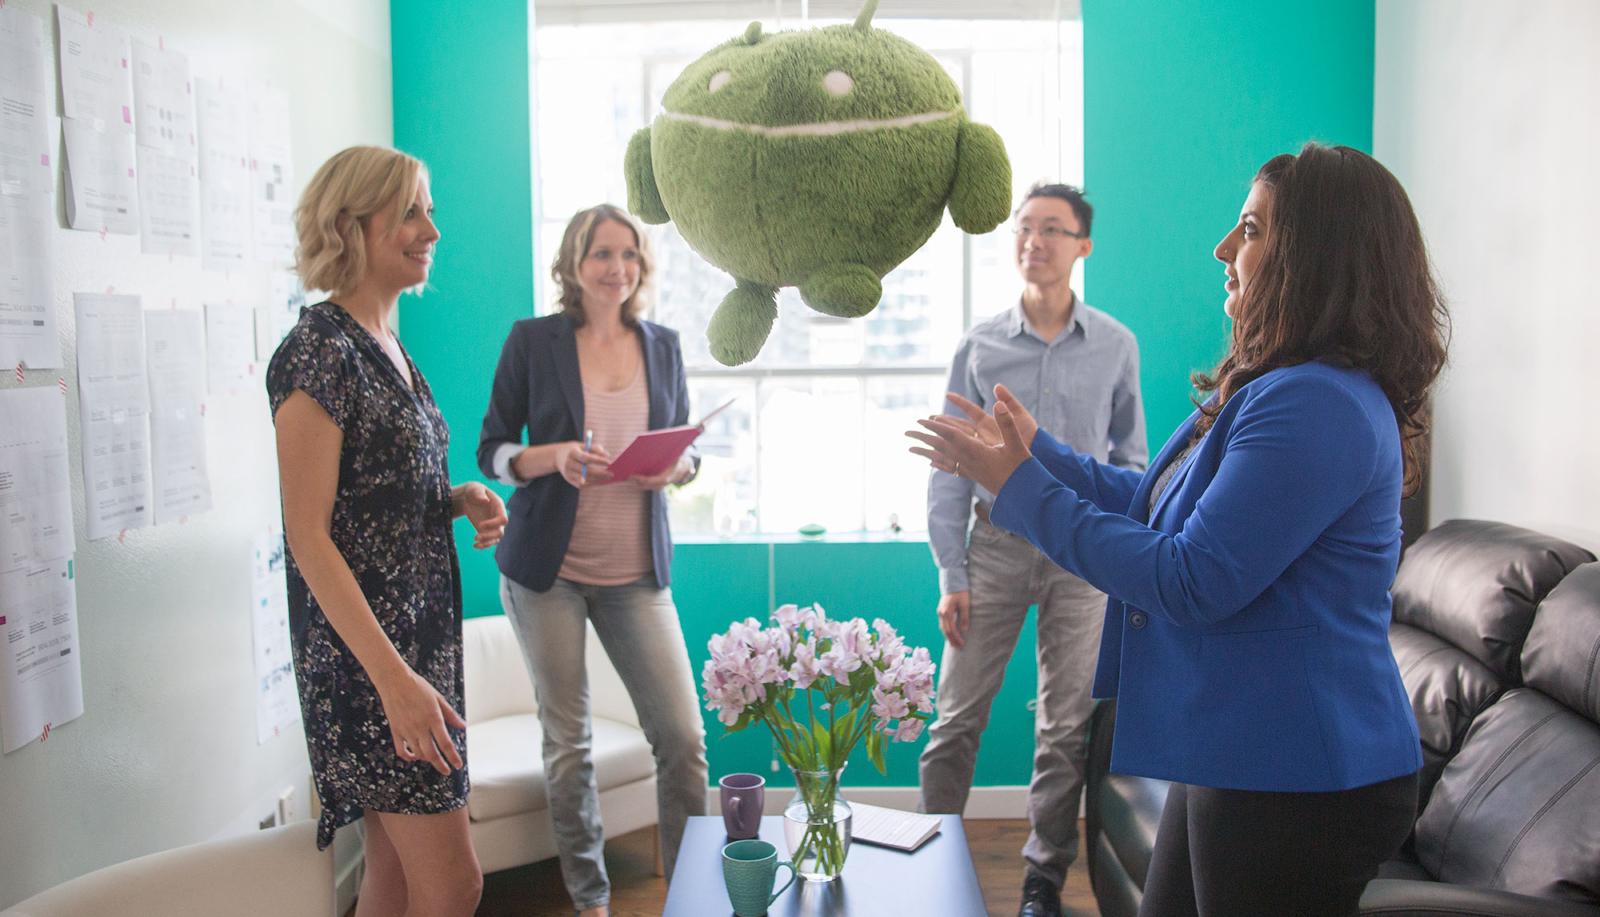 Marketing agency huddle